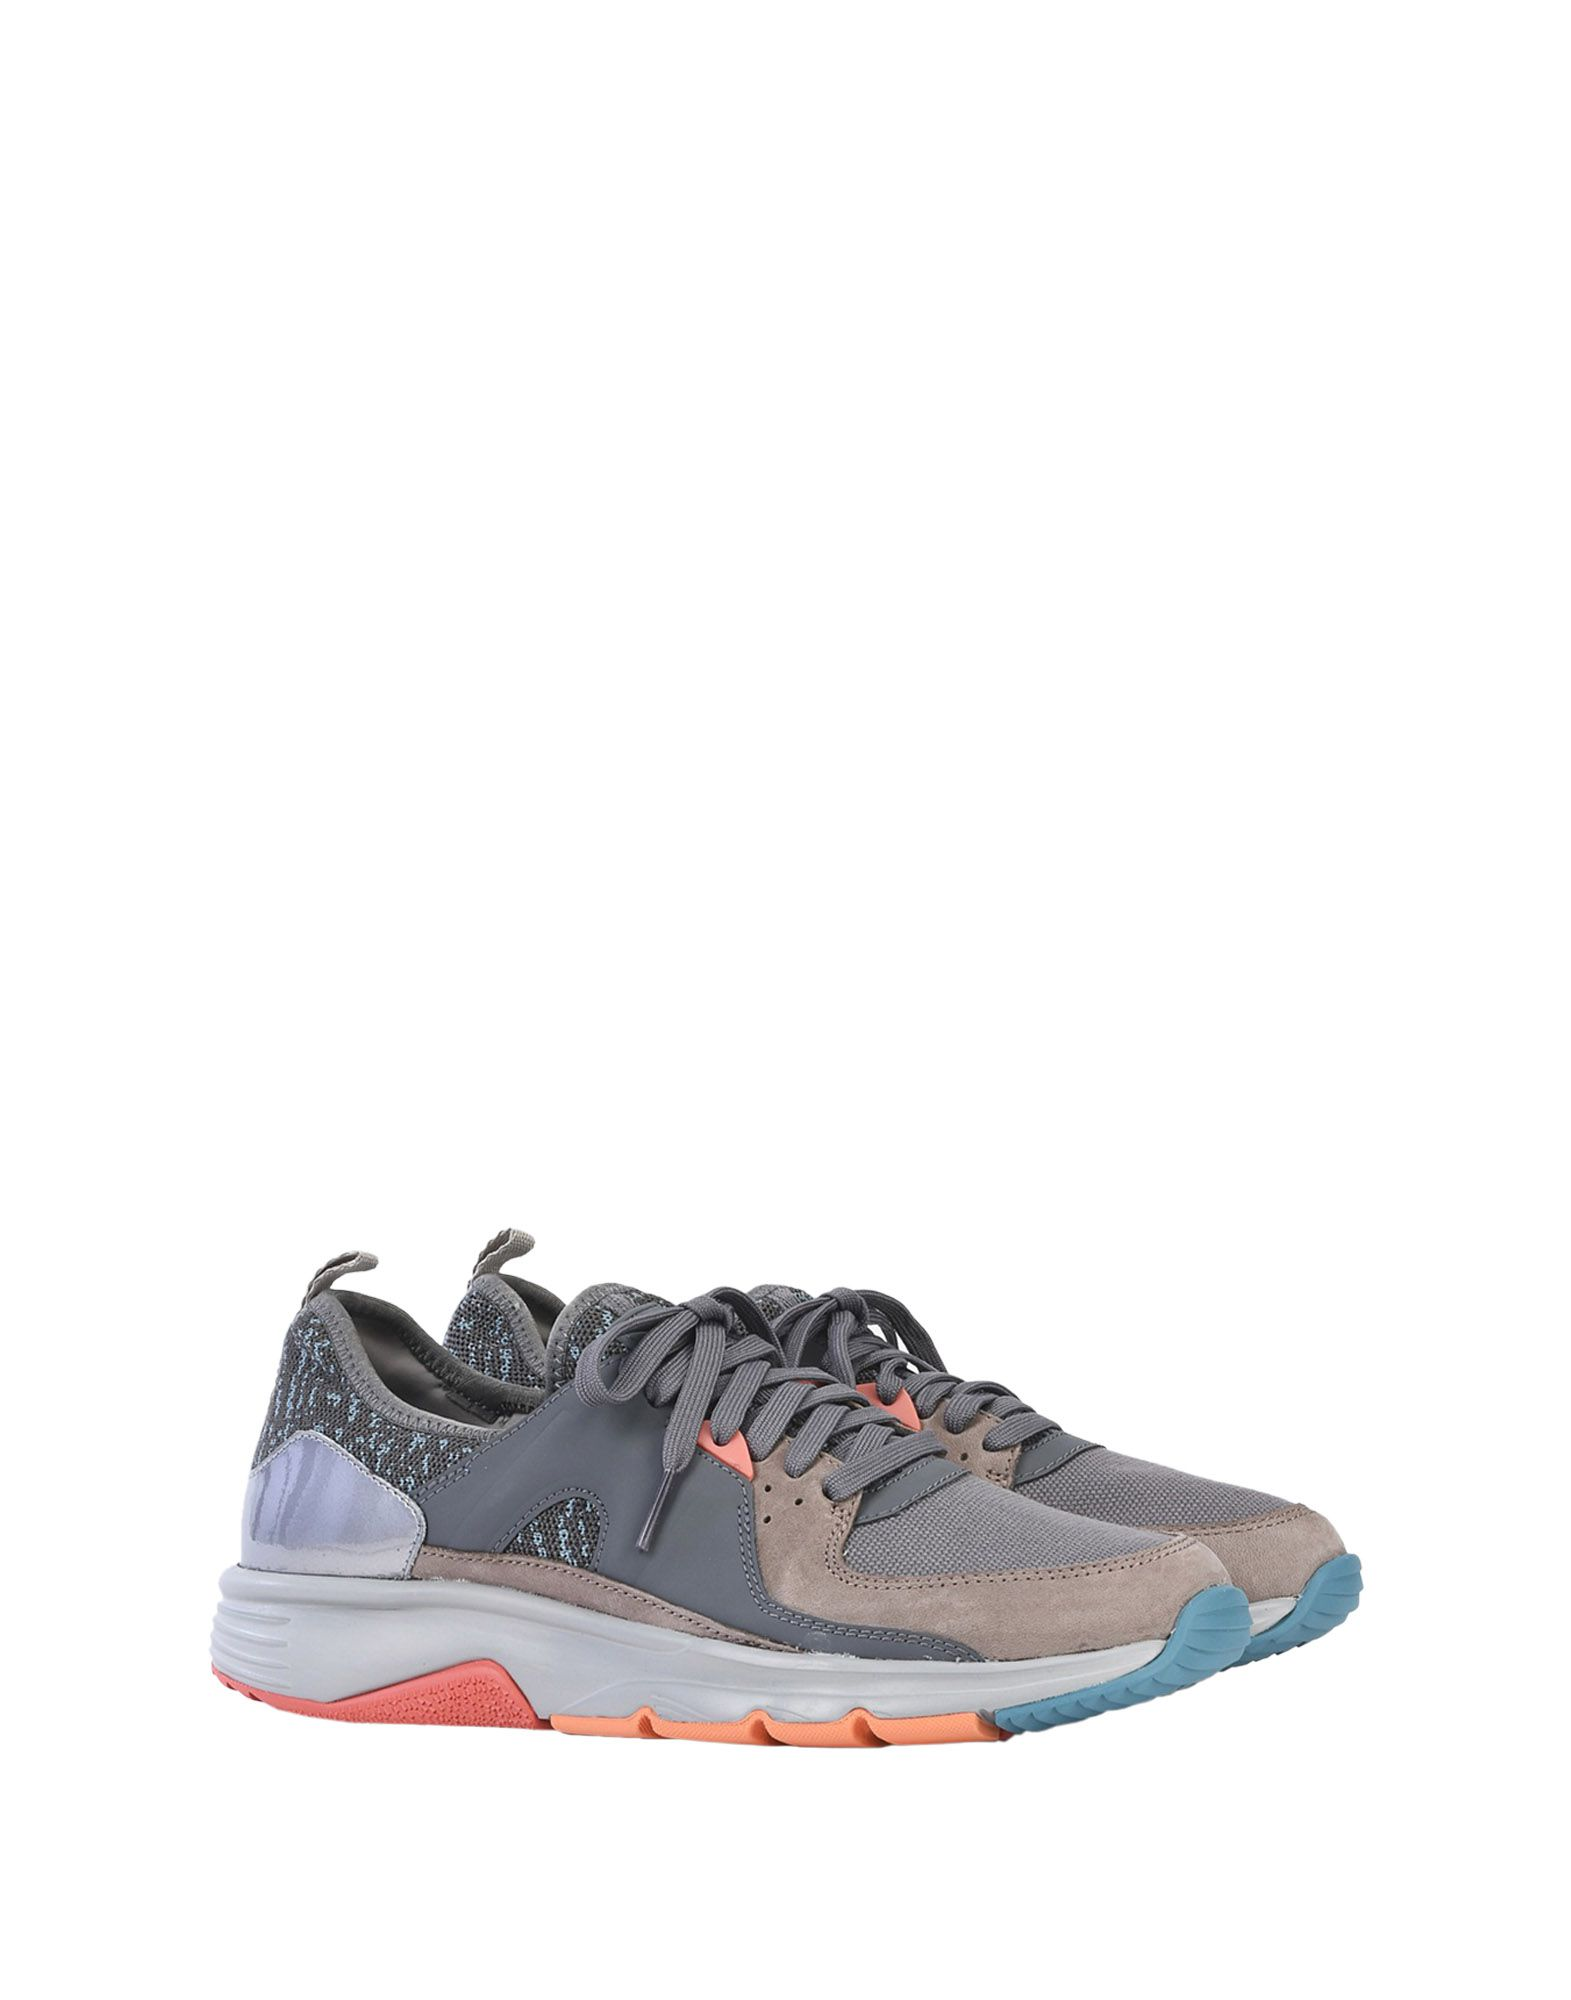 Camper Drift  11449294UH Gute Qualität beliebte Schuhe